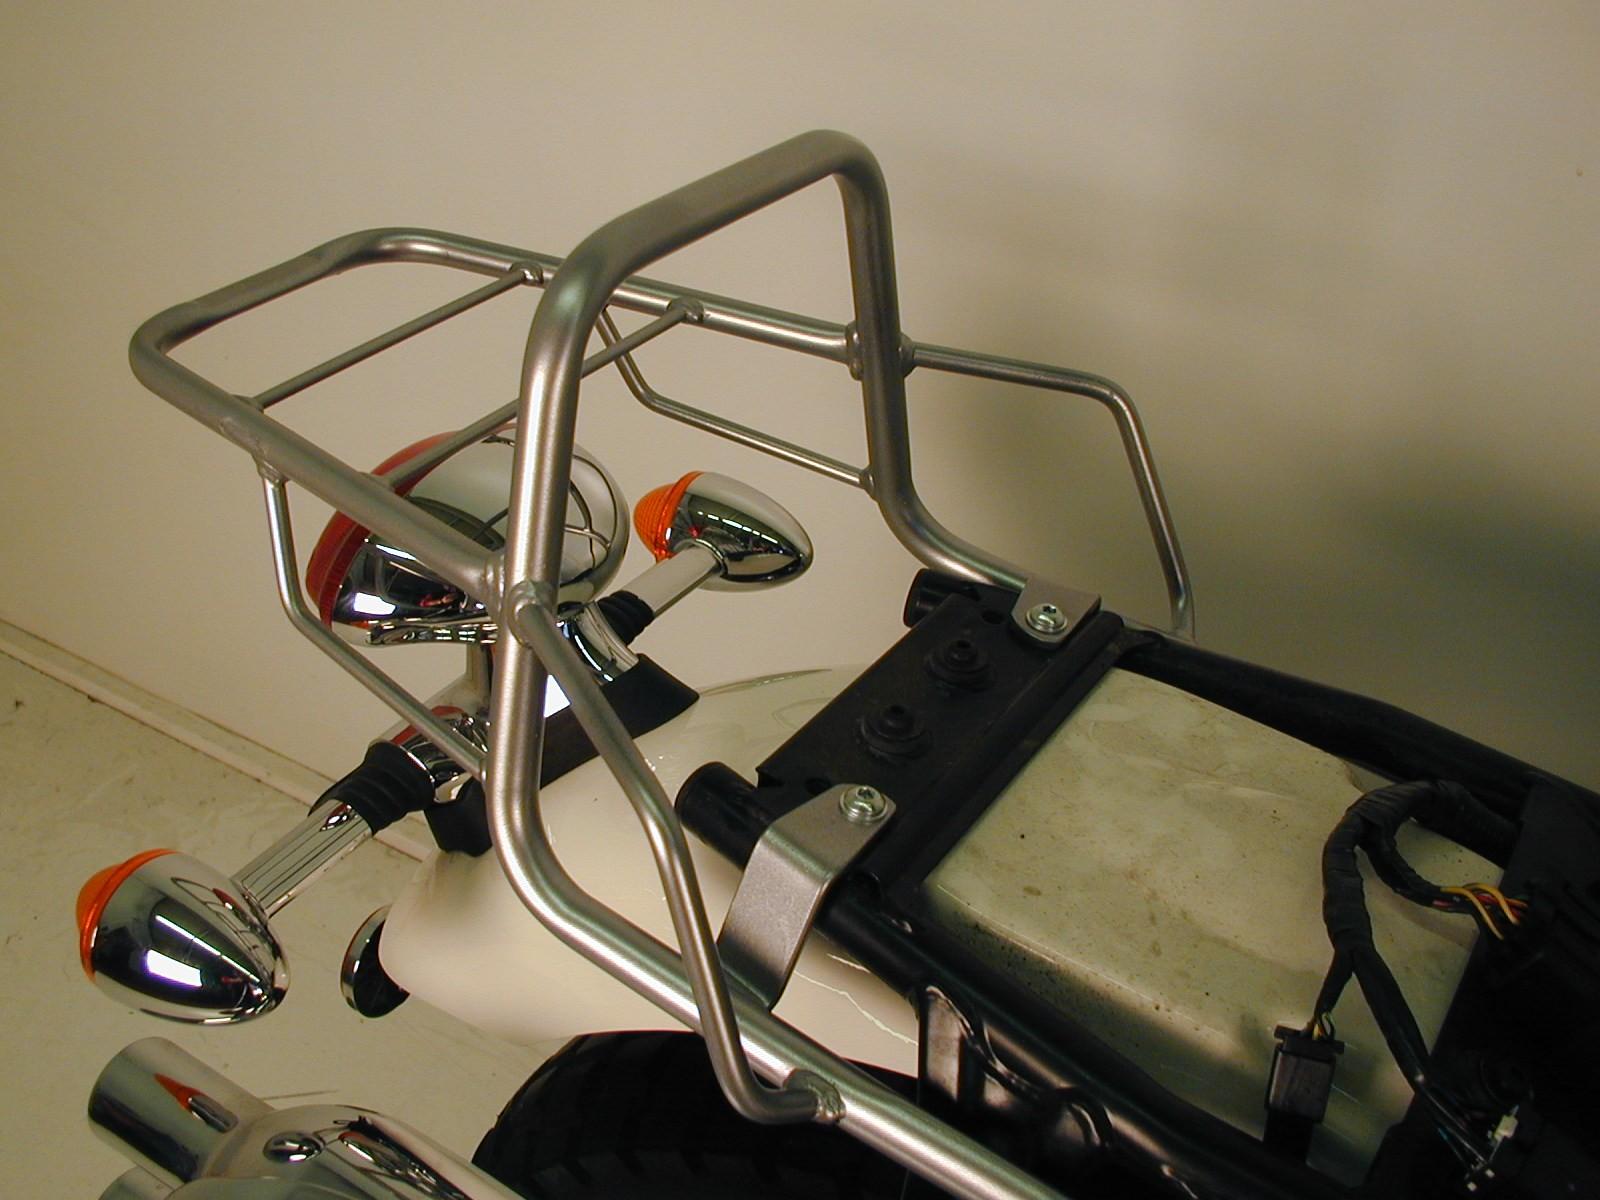 Hepco & Becker Thruxton & Scrambler (2004-15) Rear Rack - Chrome